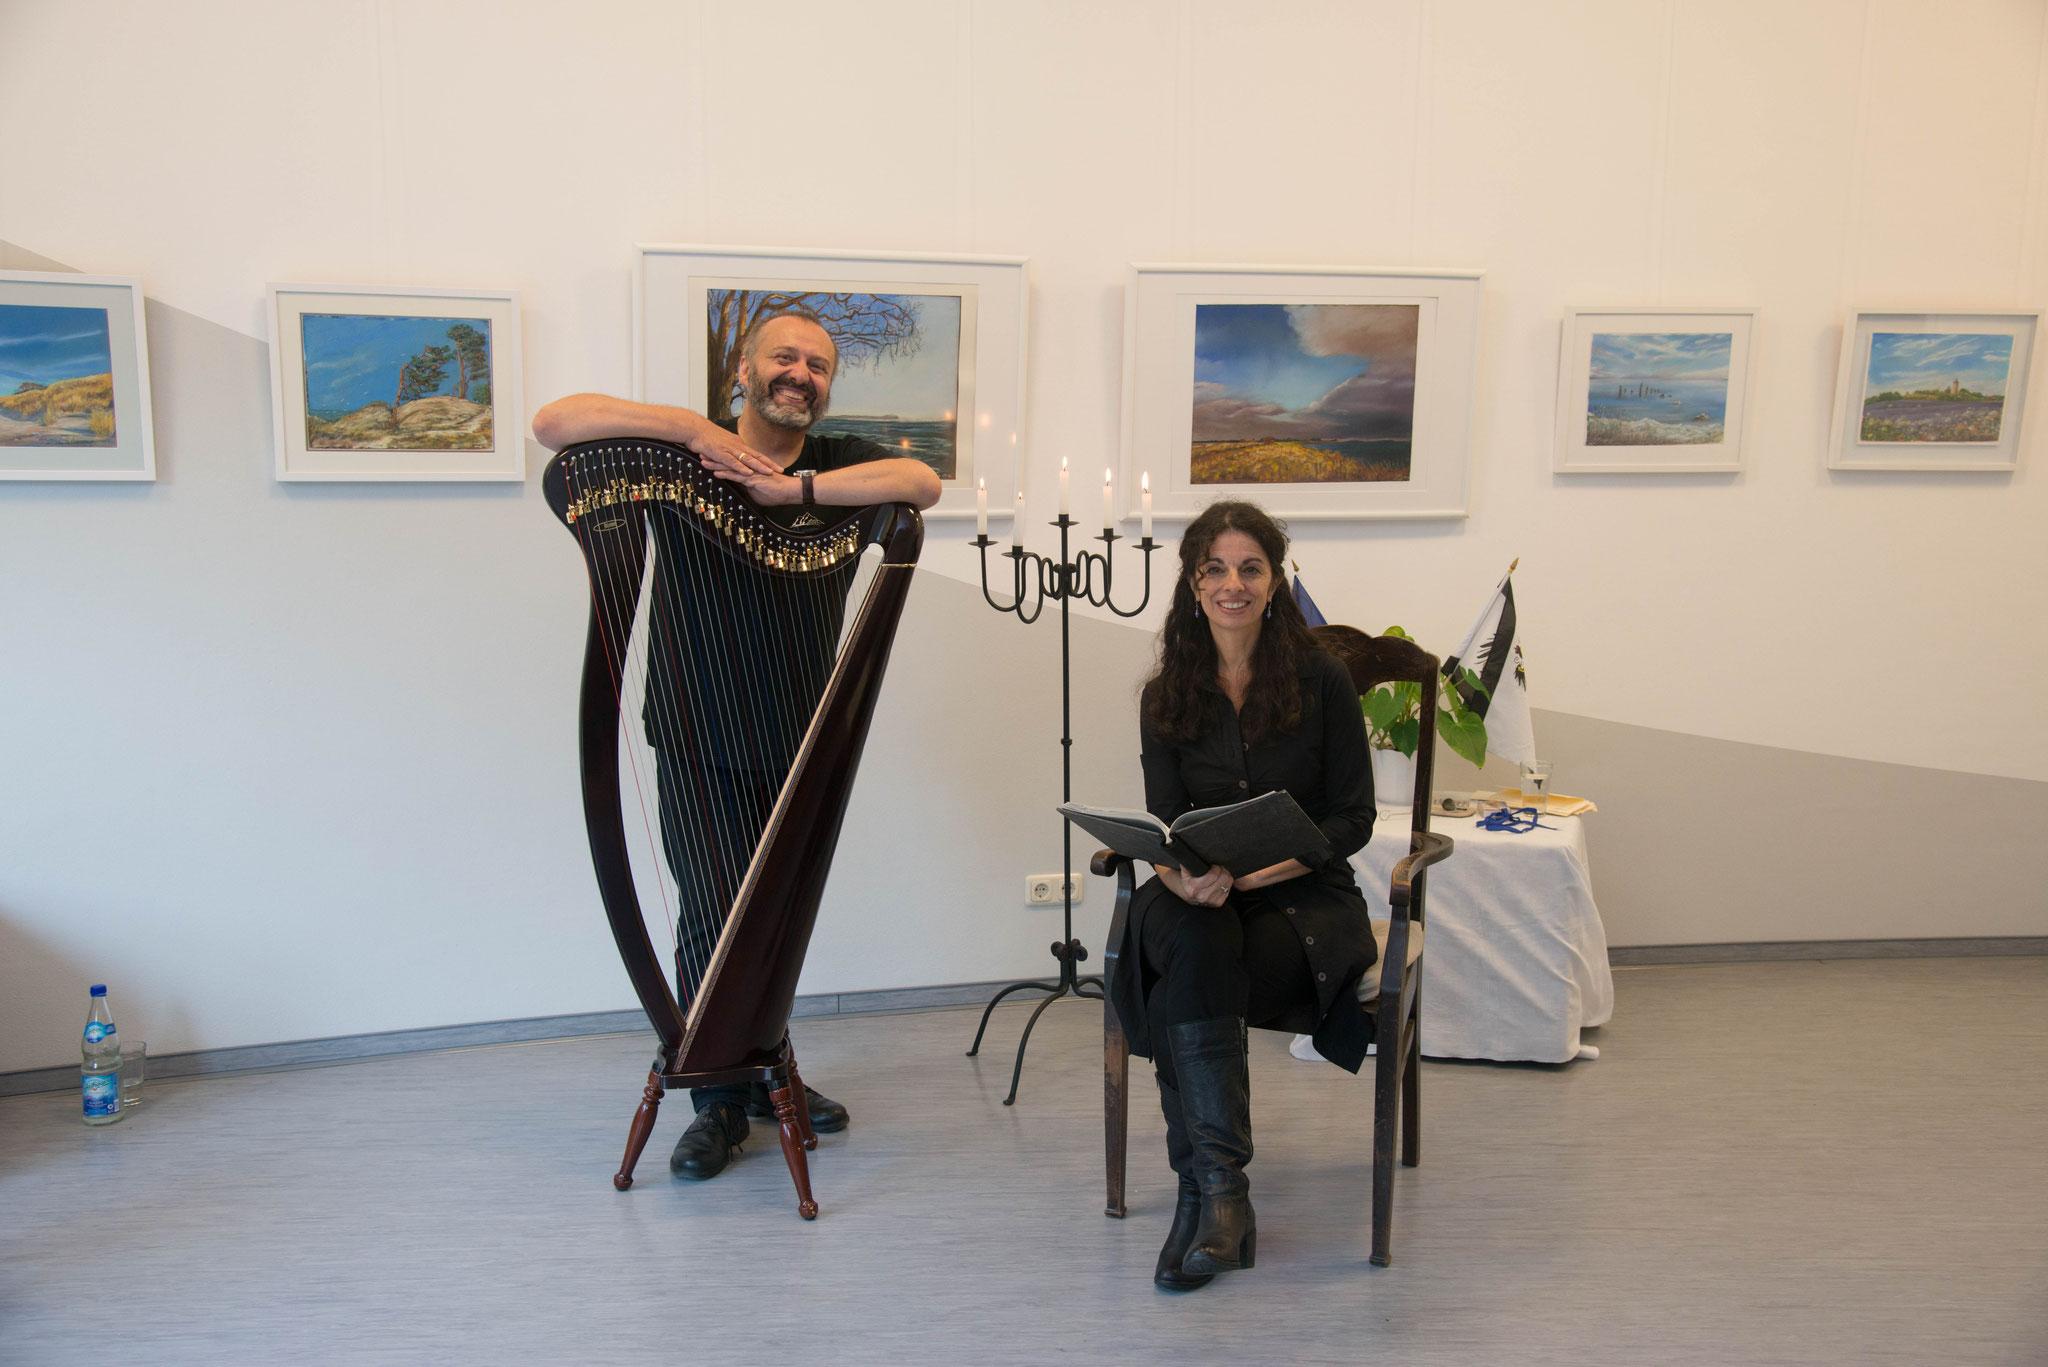 """3. September 2017, Abendsalon zu Gast im Ernst-Moritz-Arndt Museum Garz / Rügen, """"Eine Heinrich-Heine-Collage"""" Sonja Szylowicki, Hamburg und Stefan Battige, Mölln"""